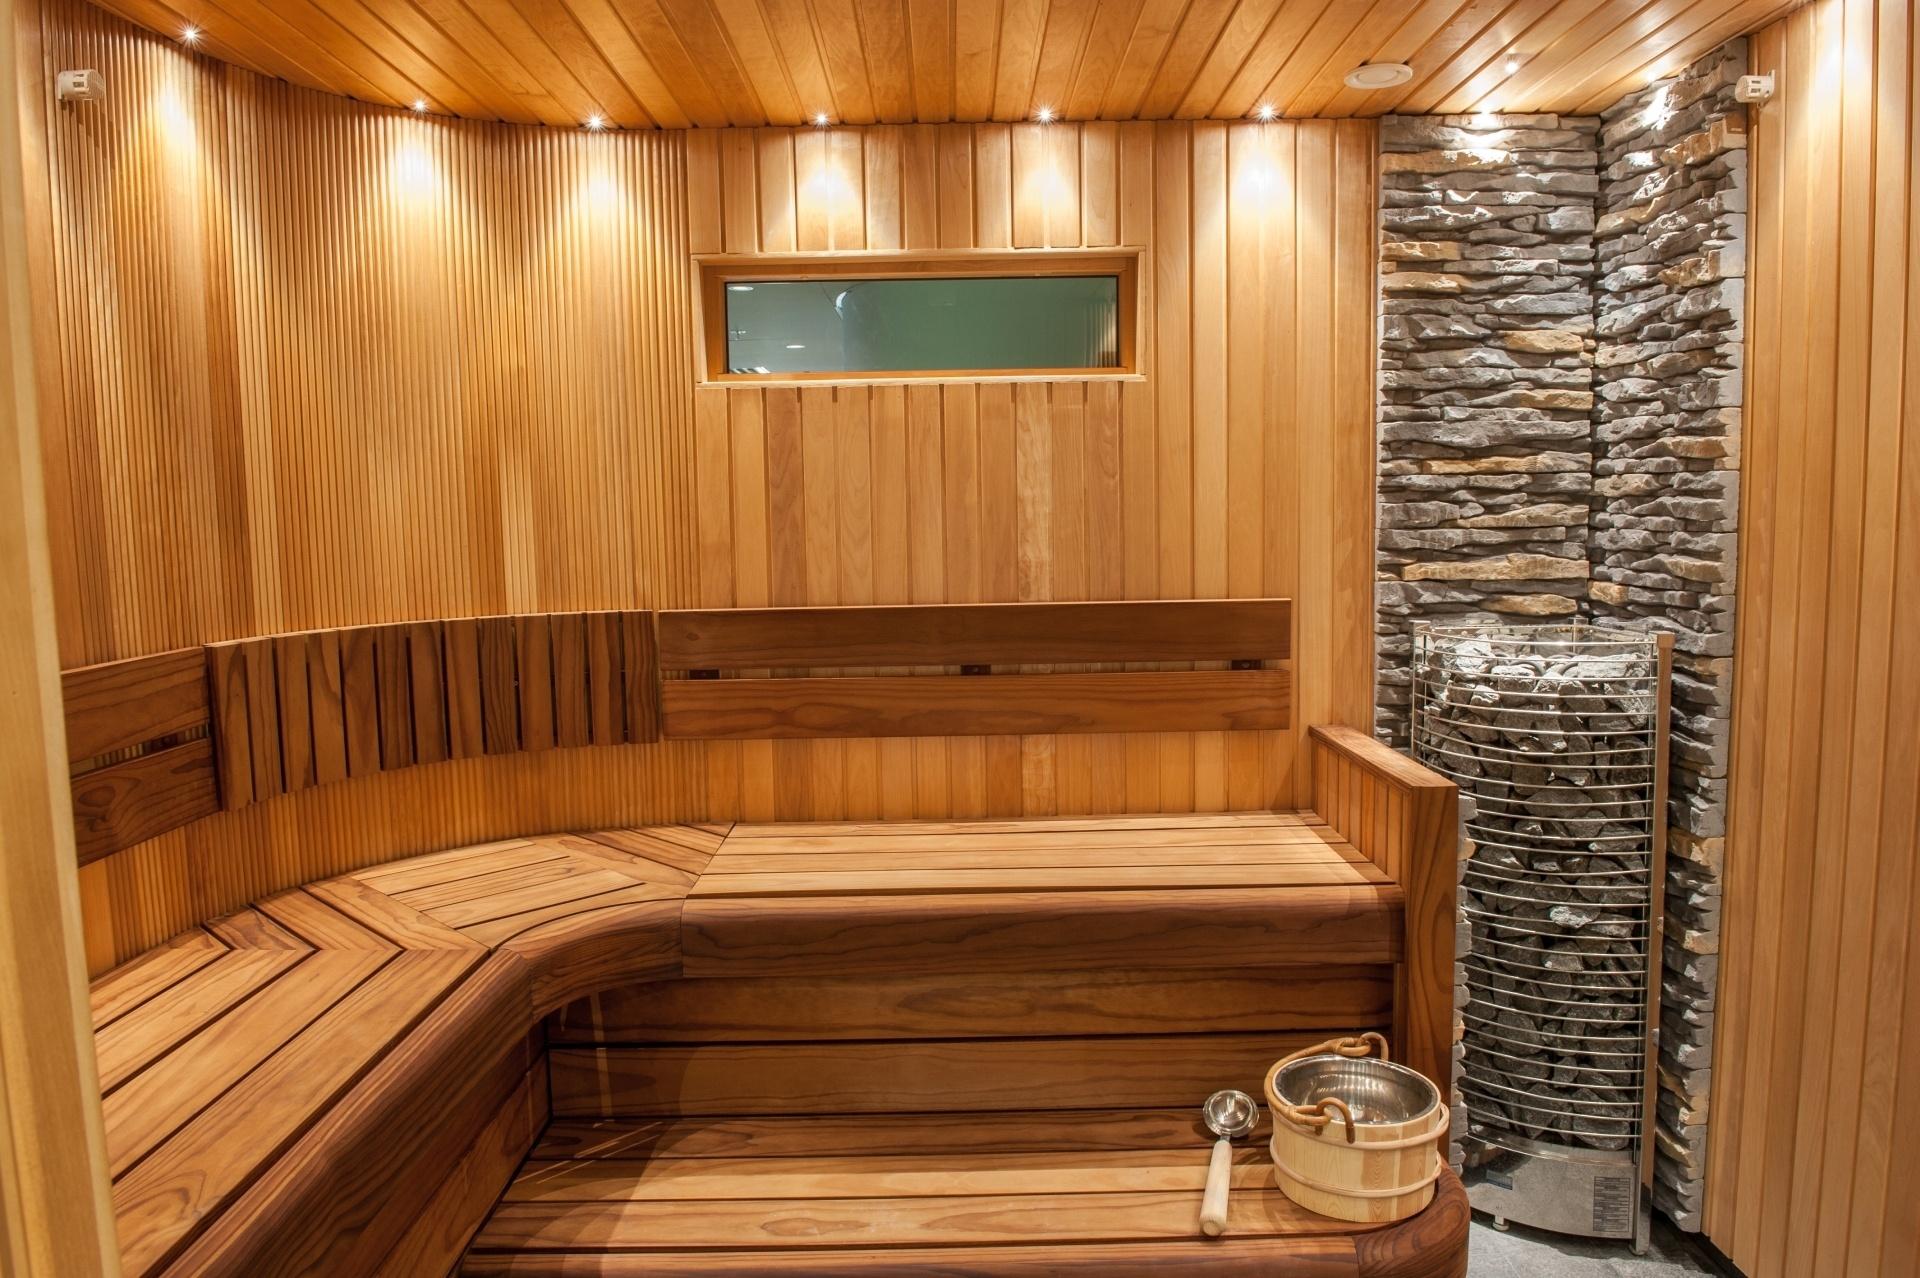 Việc lắp đặt sàn gỗ tại nhà cần đảm bảo đúng kỹ thuật để không gian nhà ở trông dễ nhìn nhất có thể